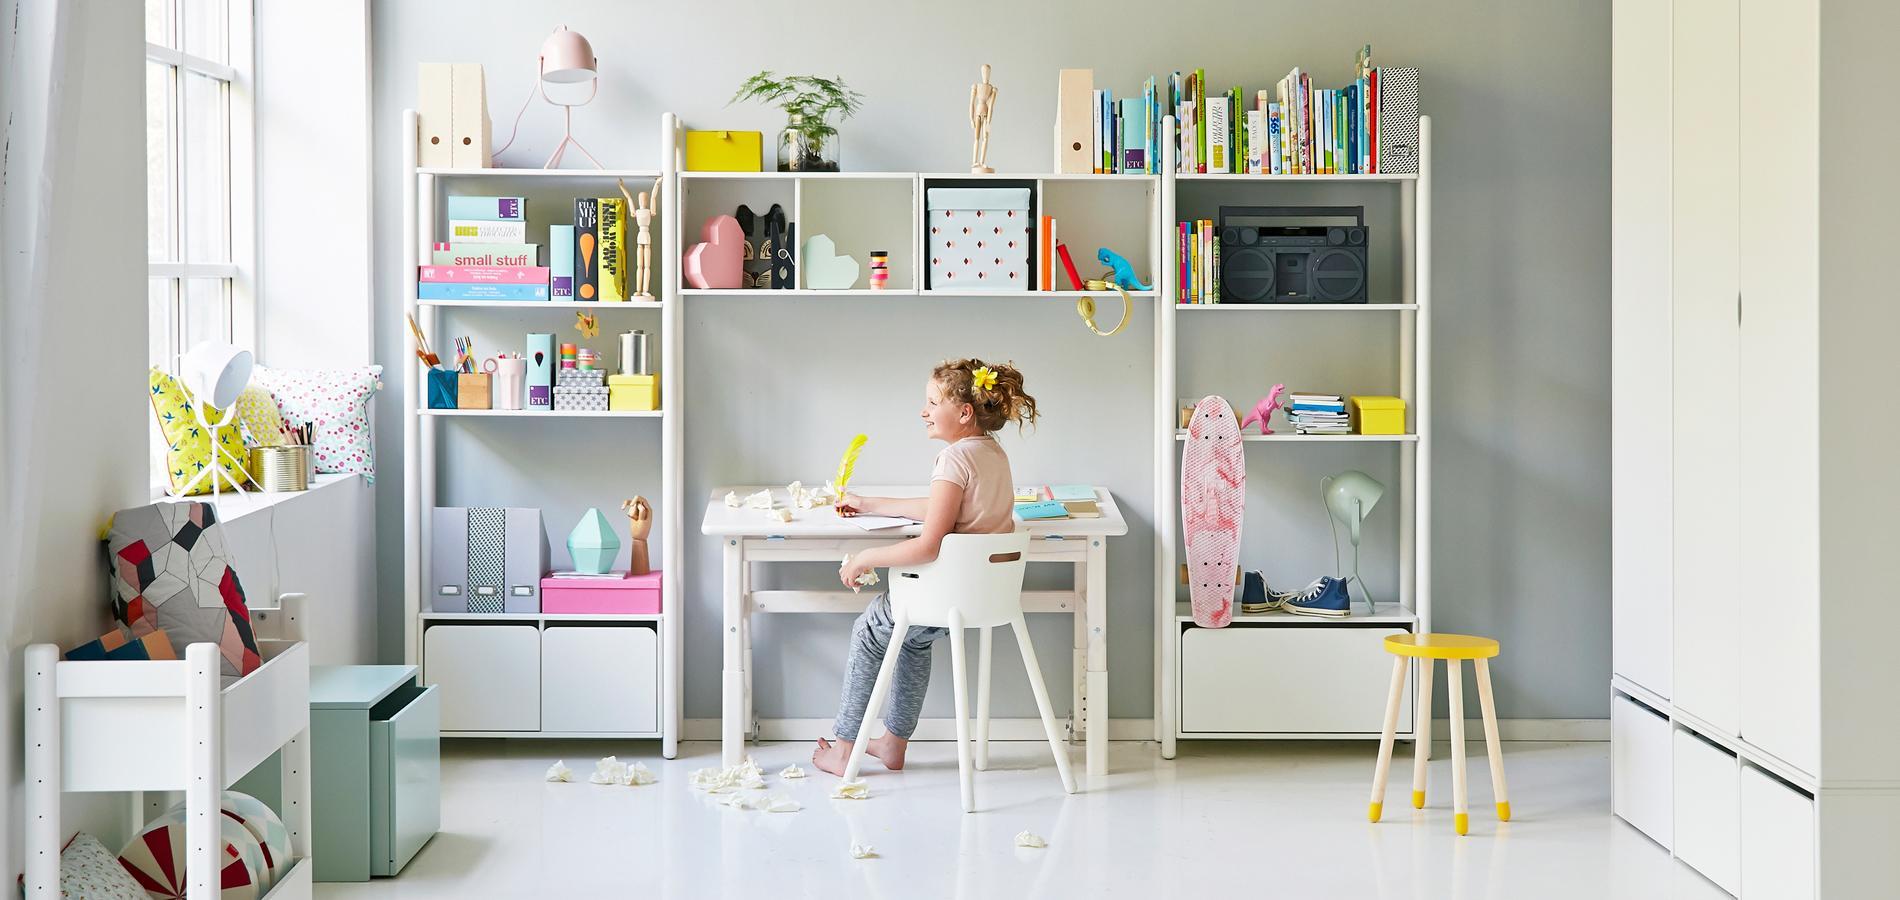 Nos Astuces Pour Inciter Les Kids à Ranger Leur Chambre Régulièrement Et De  Manière Autonome.